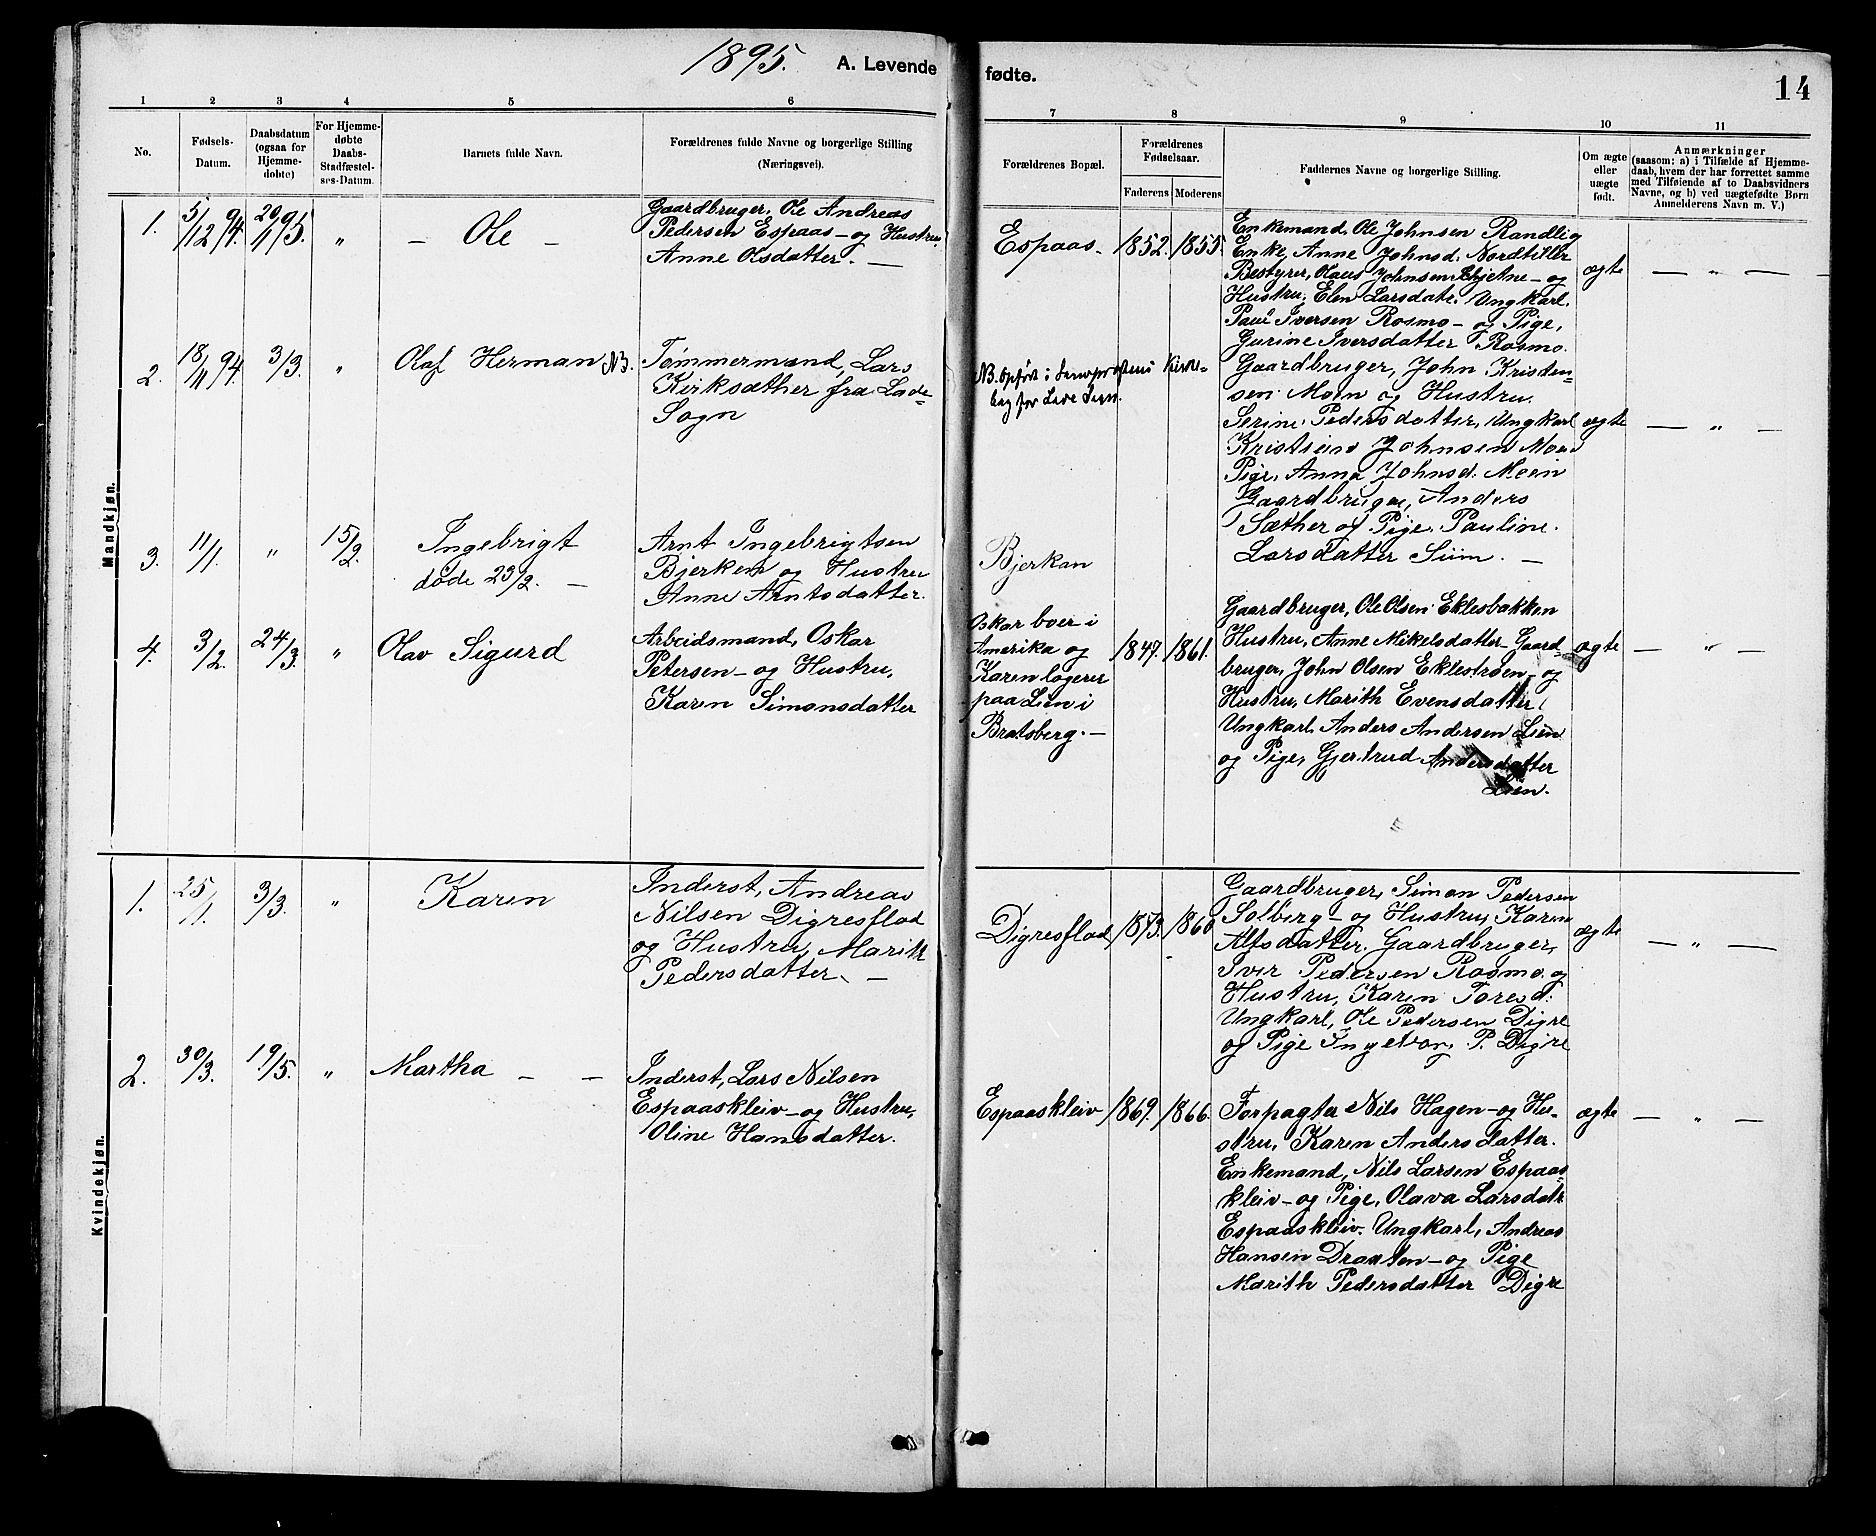 SAT, Ministerialprotokoller, klokkerbøker og fødselsregistre - Sør-Trøndelag, 608/L0341: Klokkerbok nr. 608C07, 1890-1912, s. 14